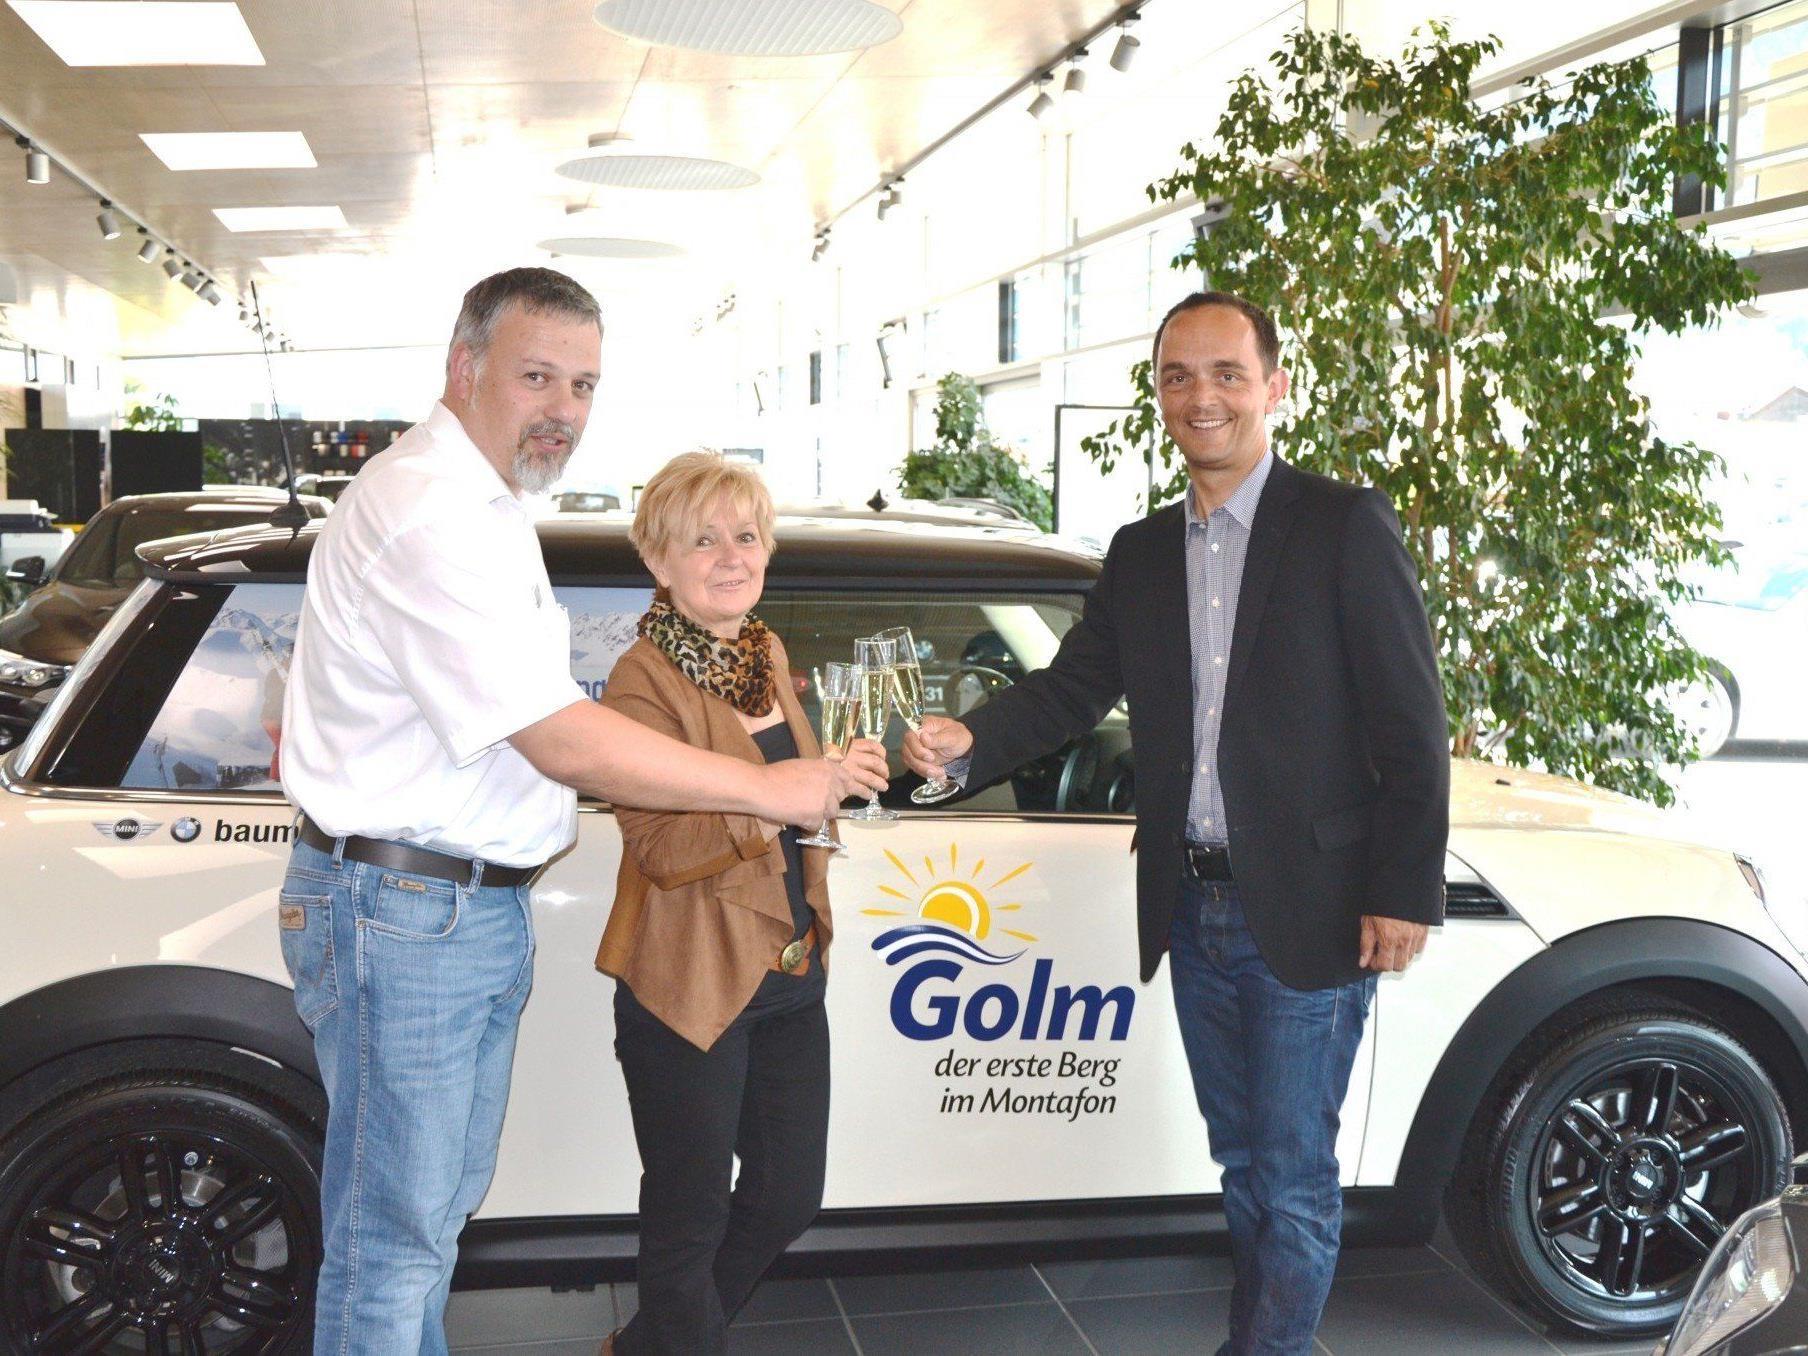 Ursula van Ast aus Schruns mit Ihrem neuen Gefährt – einem nagelneuen Mini Cooper R56.